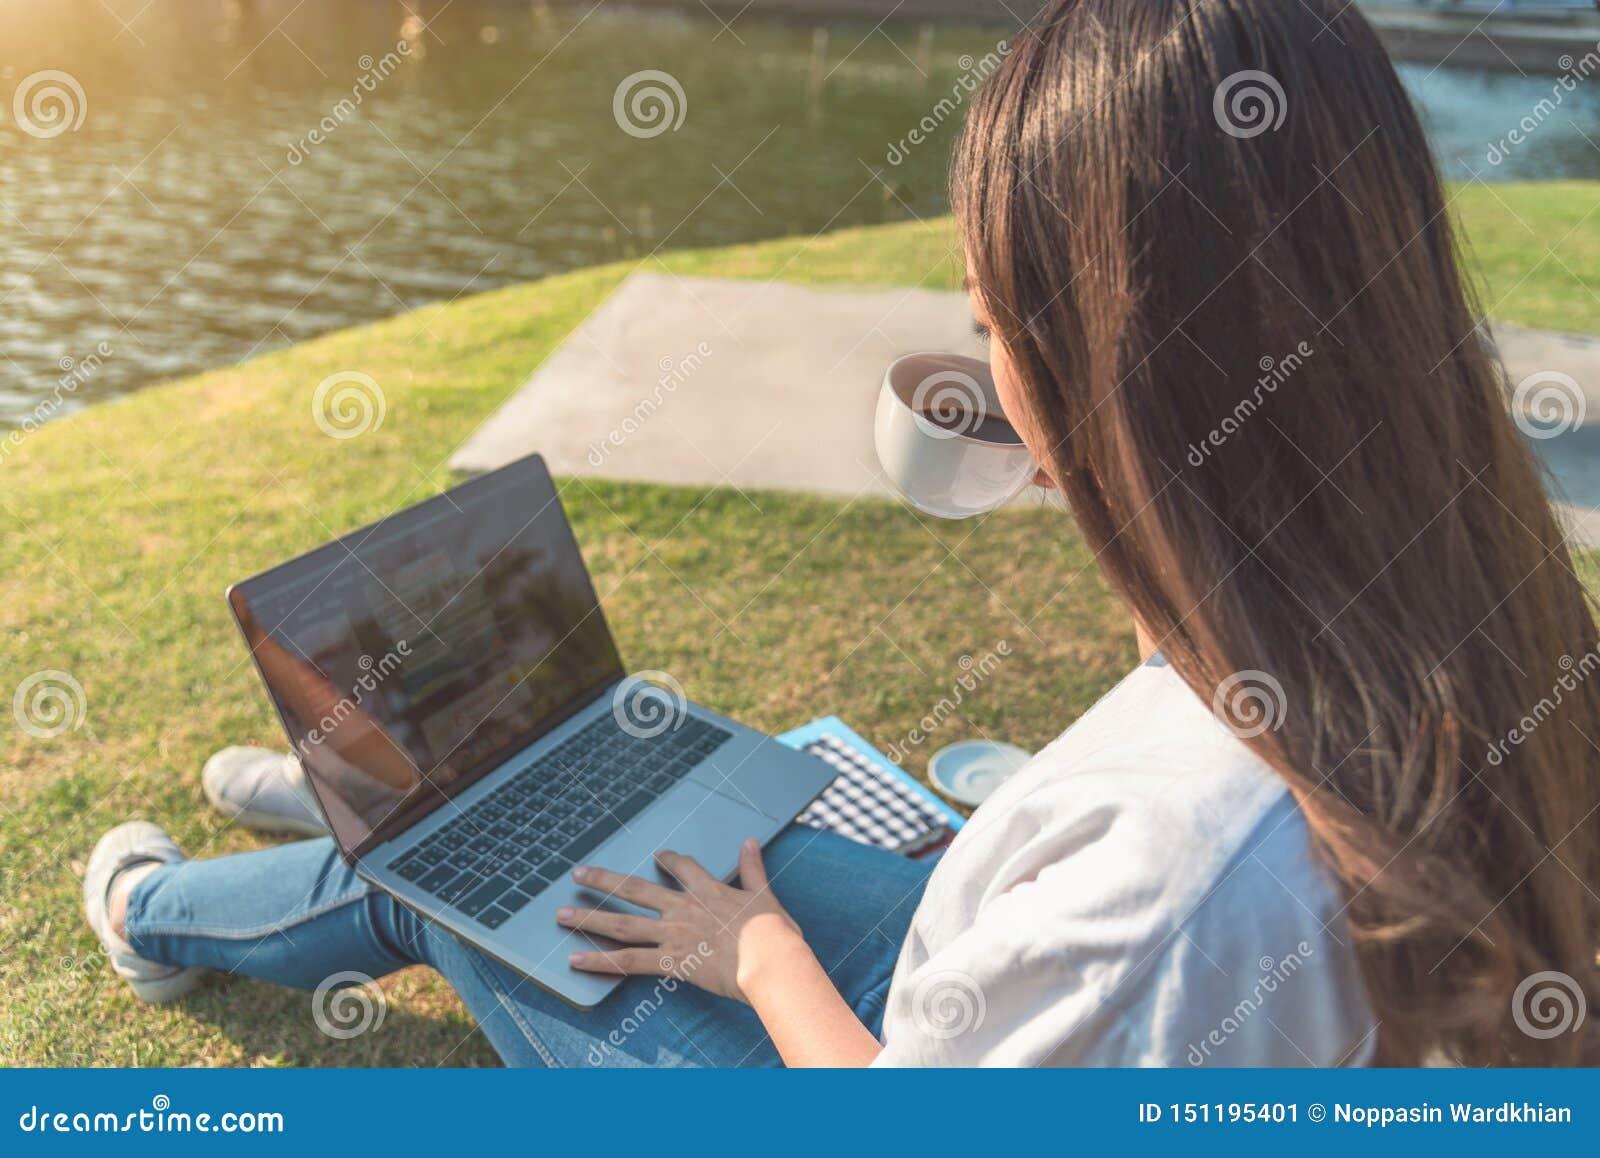 Donna felice che utilizza computer portatile nel parco, tonificato intenzionalmente